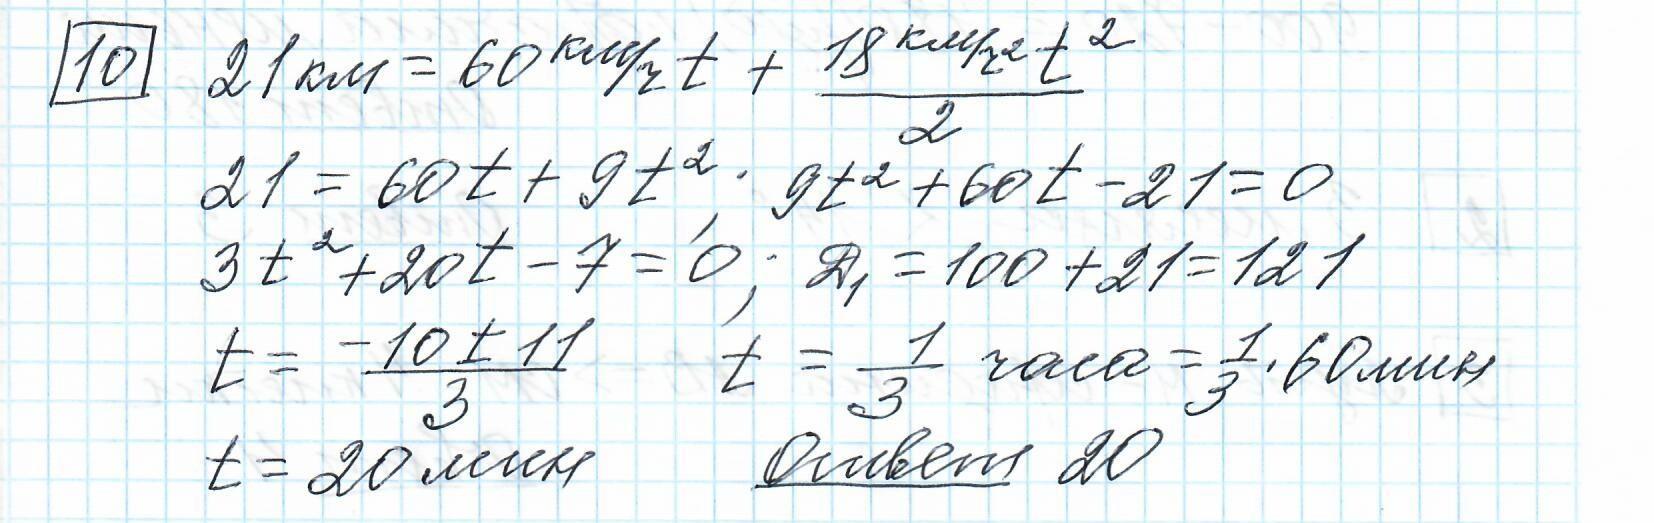 Задние 10, Вариант 8, решение и ответ - Ященко ЕГЭ 2019 математика профиль 36 вариантов